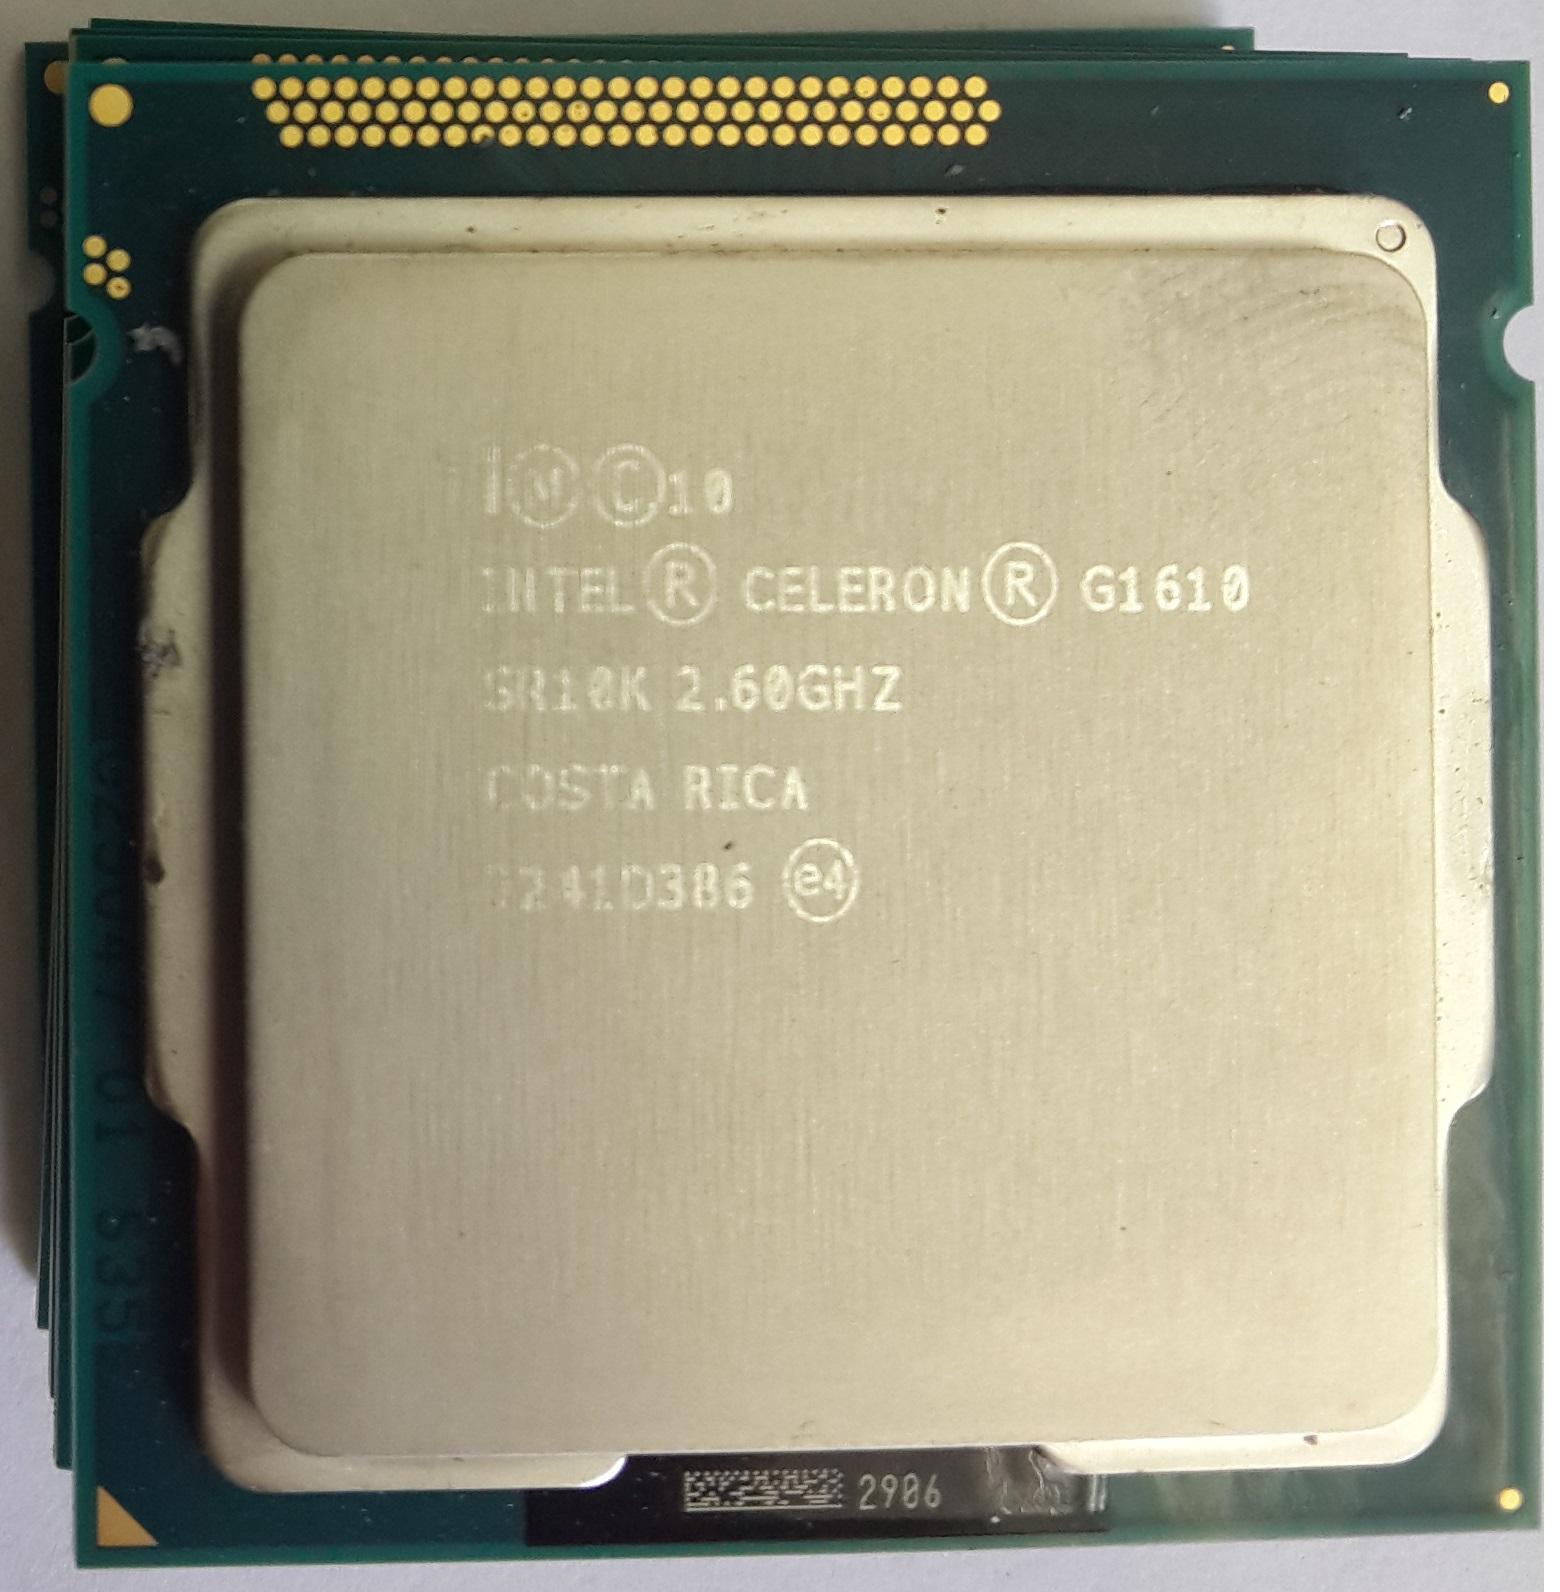 CelG1610